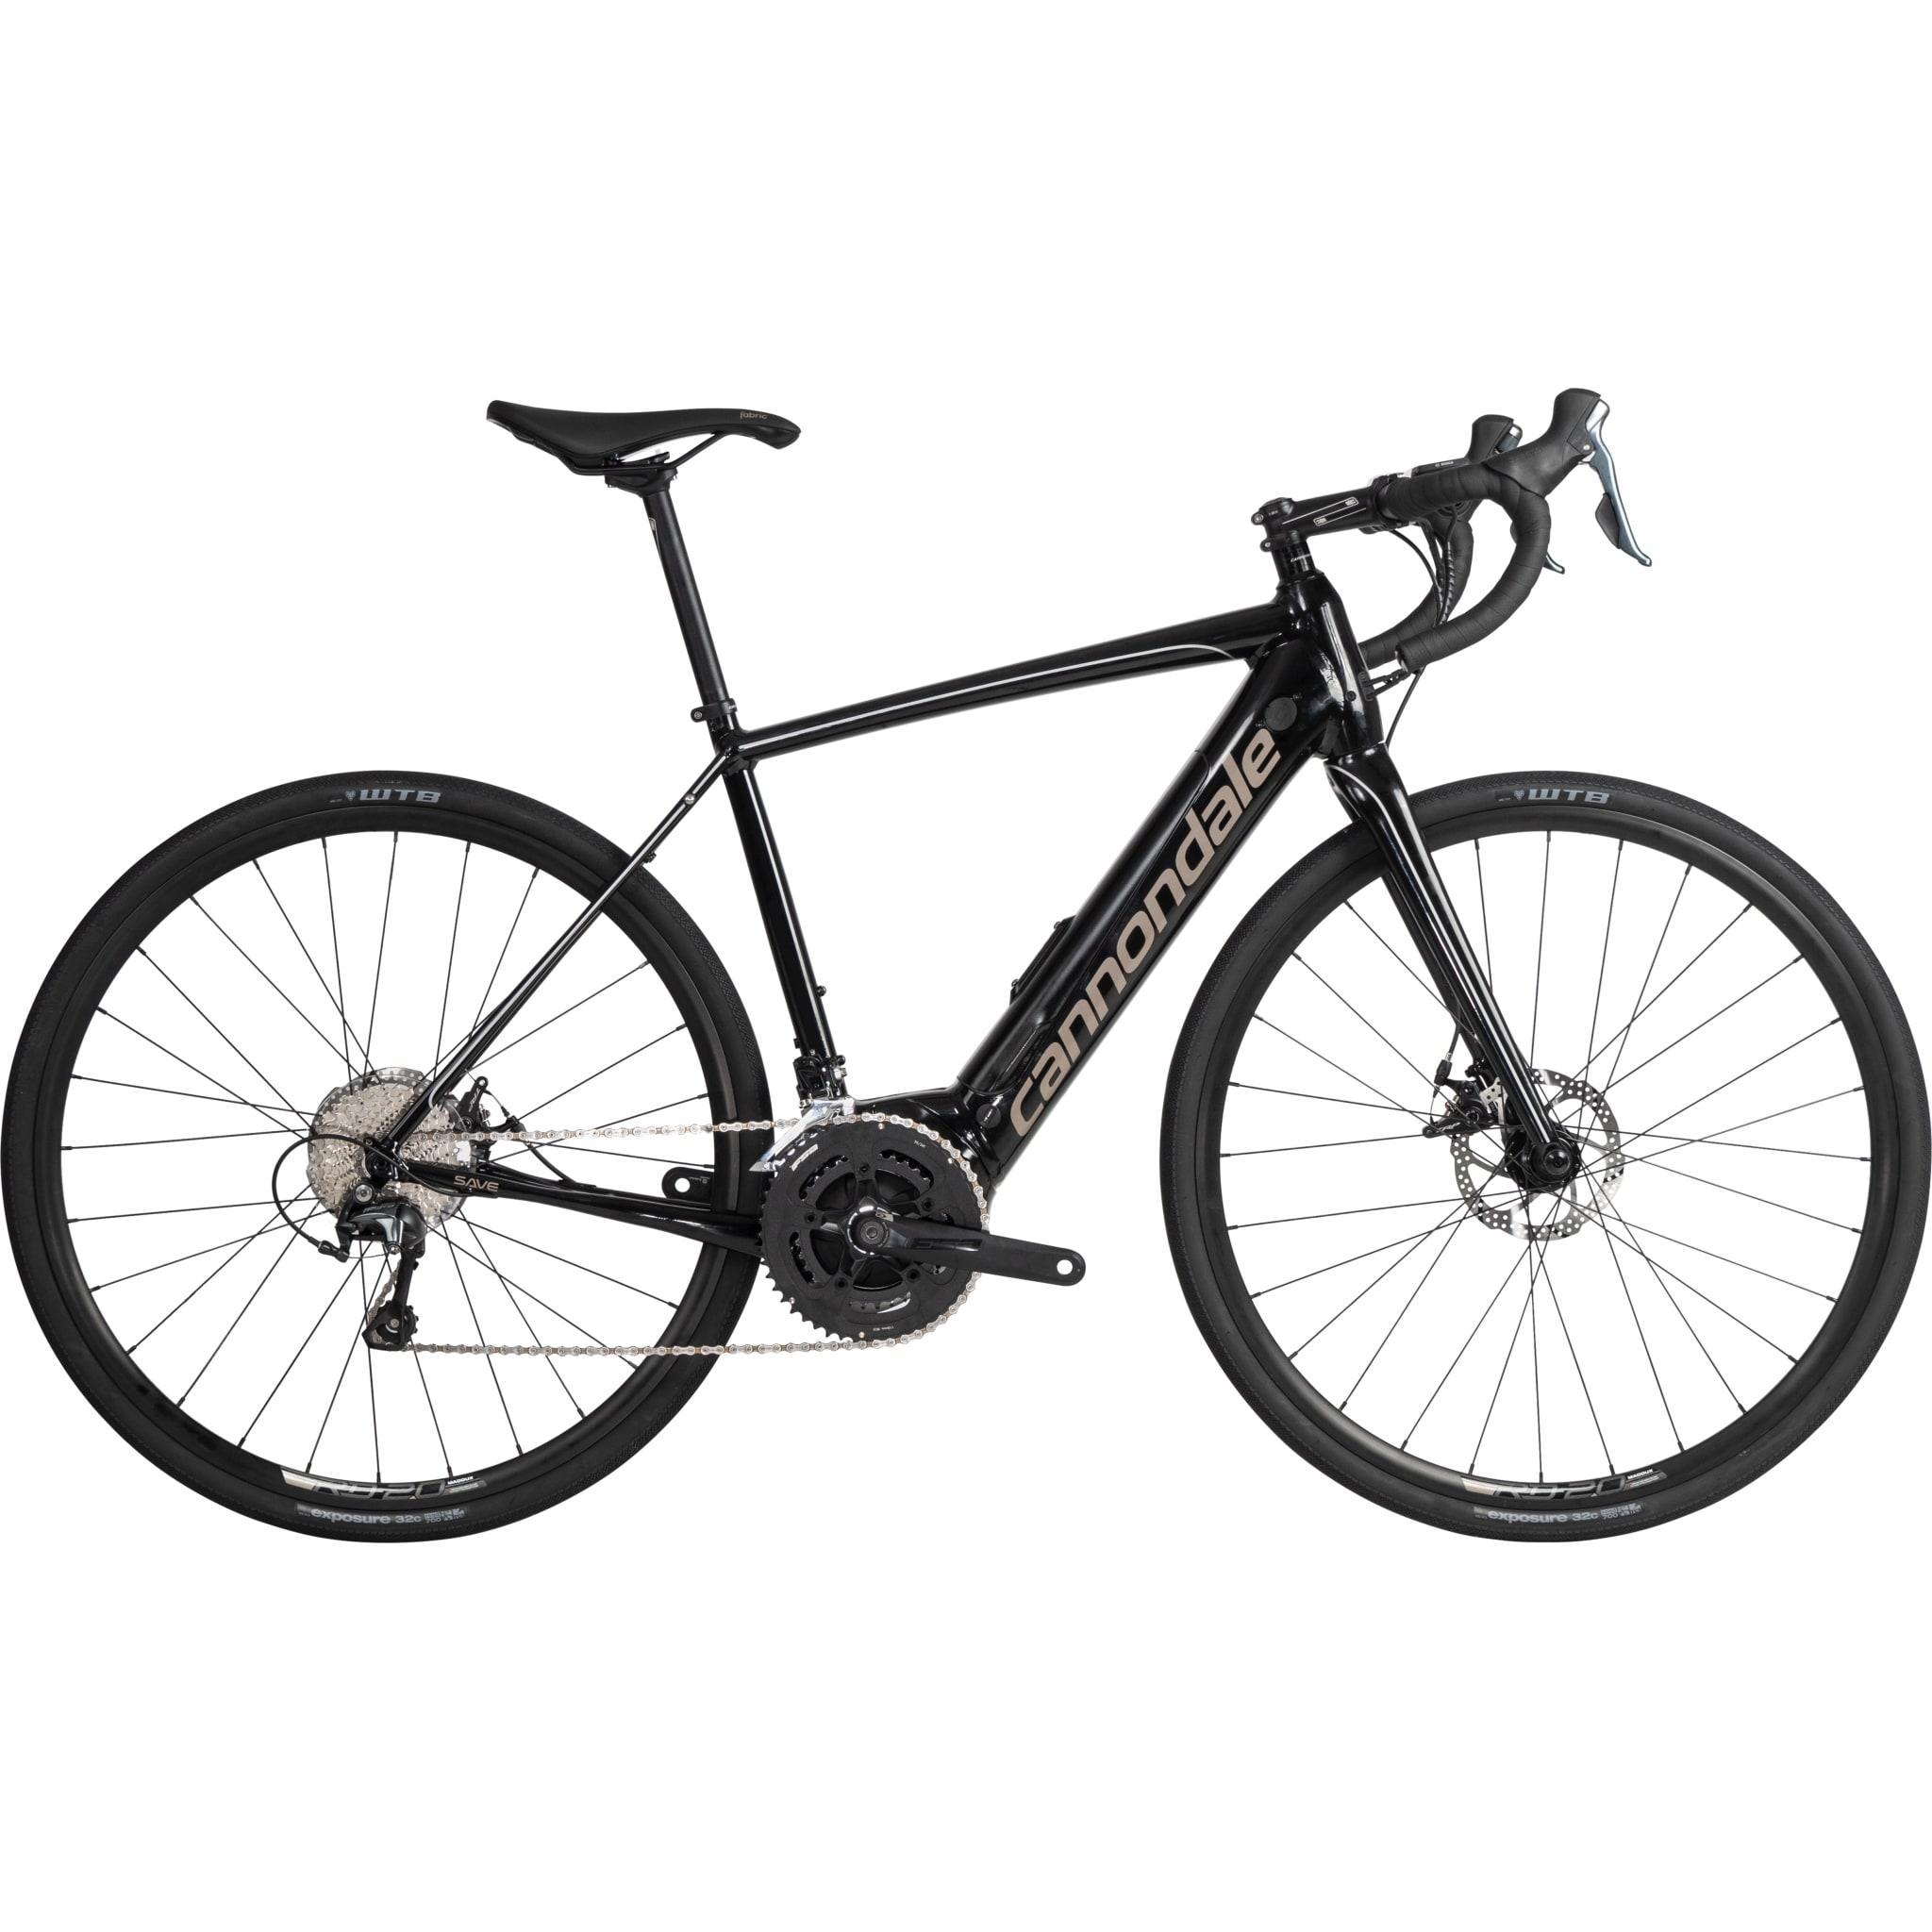 Elektrisk Gravel sykkel, perfekt til pendling